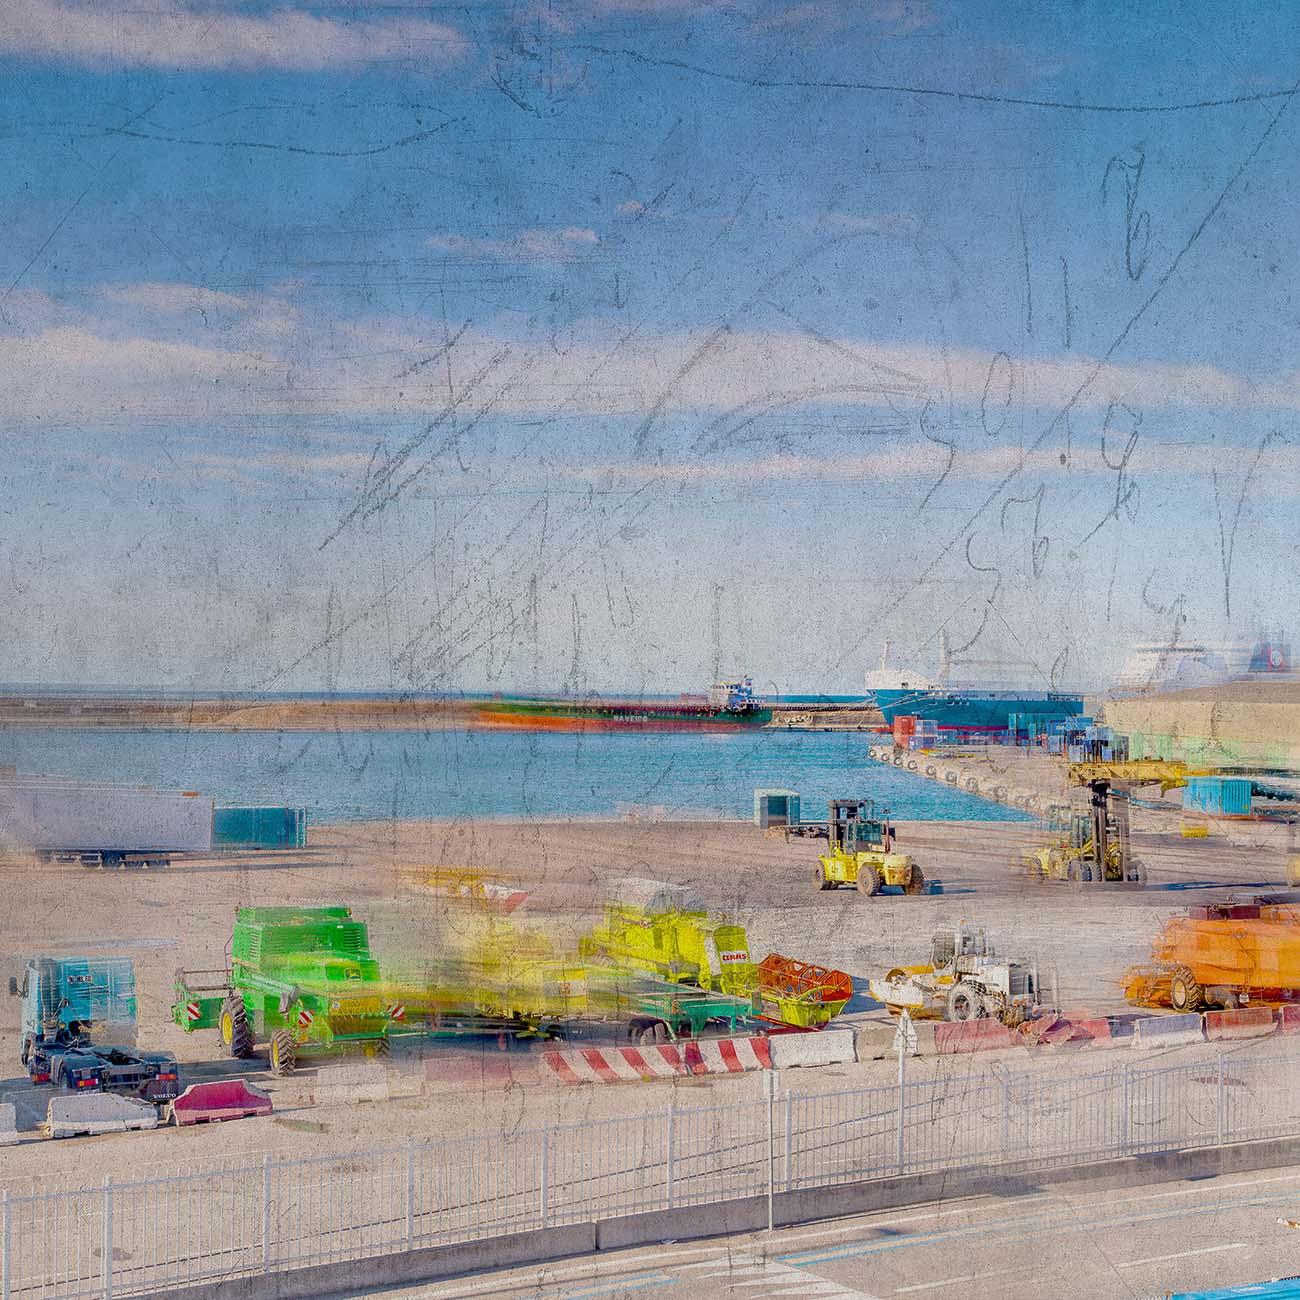 Bassin National Port Autonome Bleu Marseille Paul-Louis LEGER Photographe